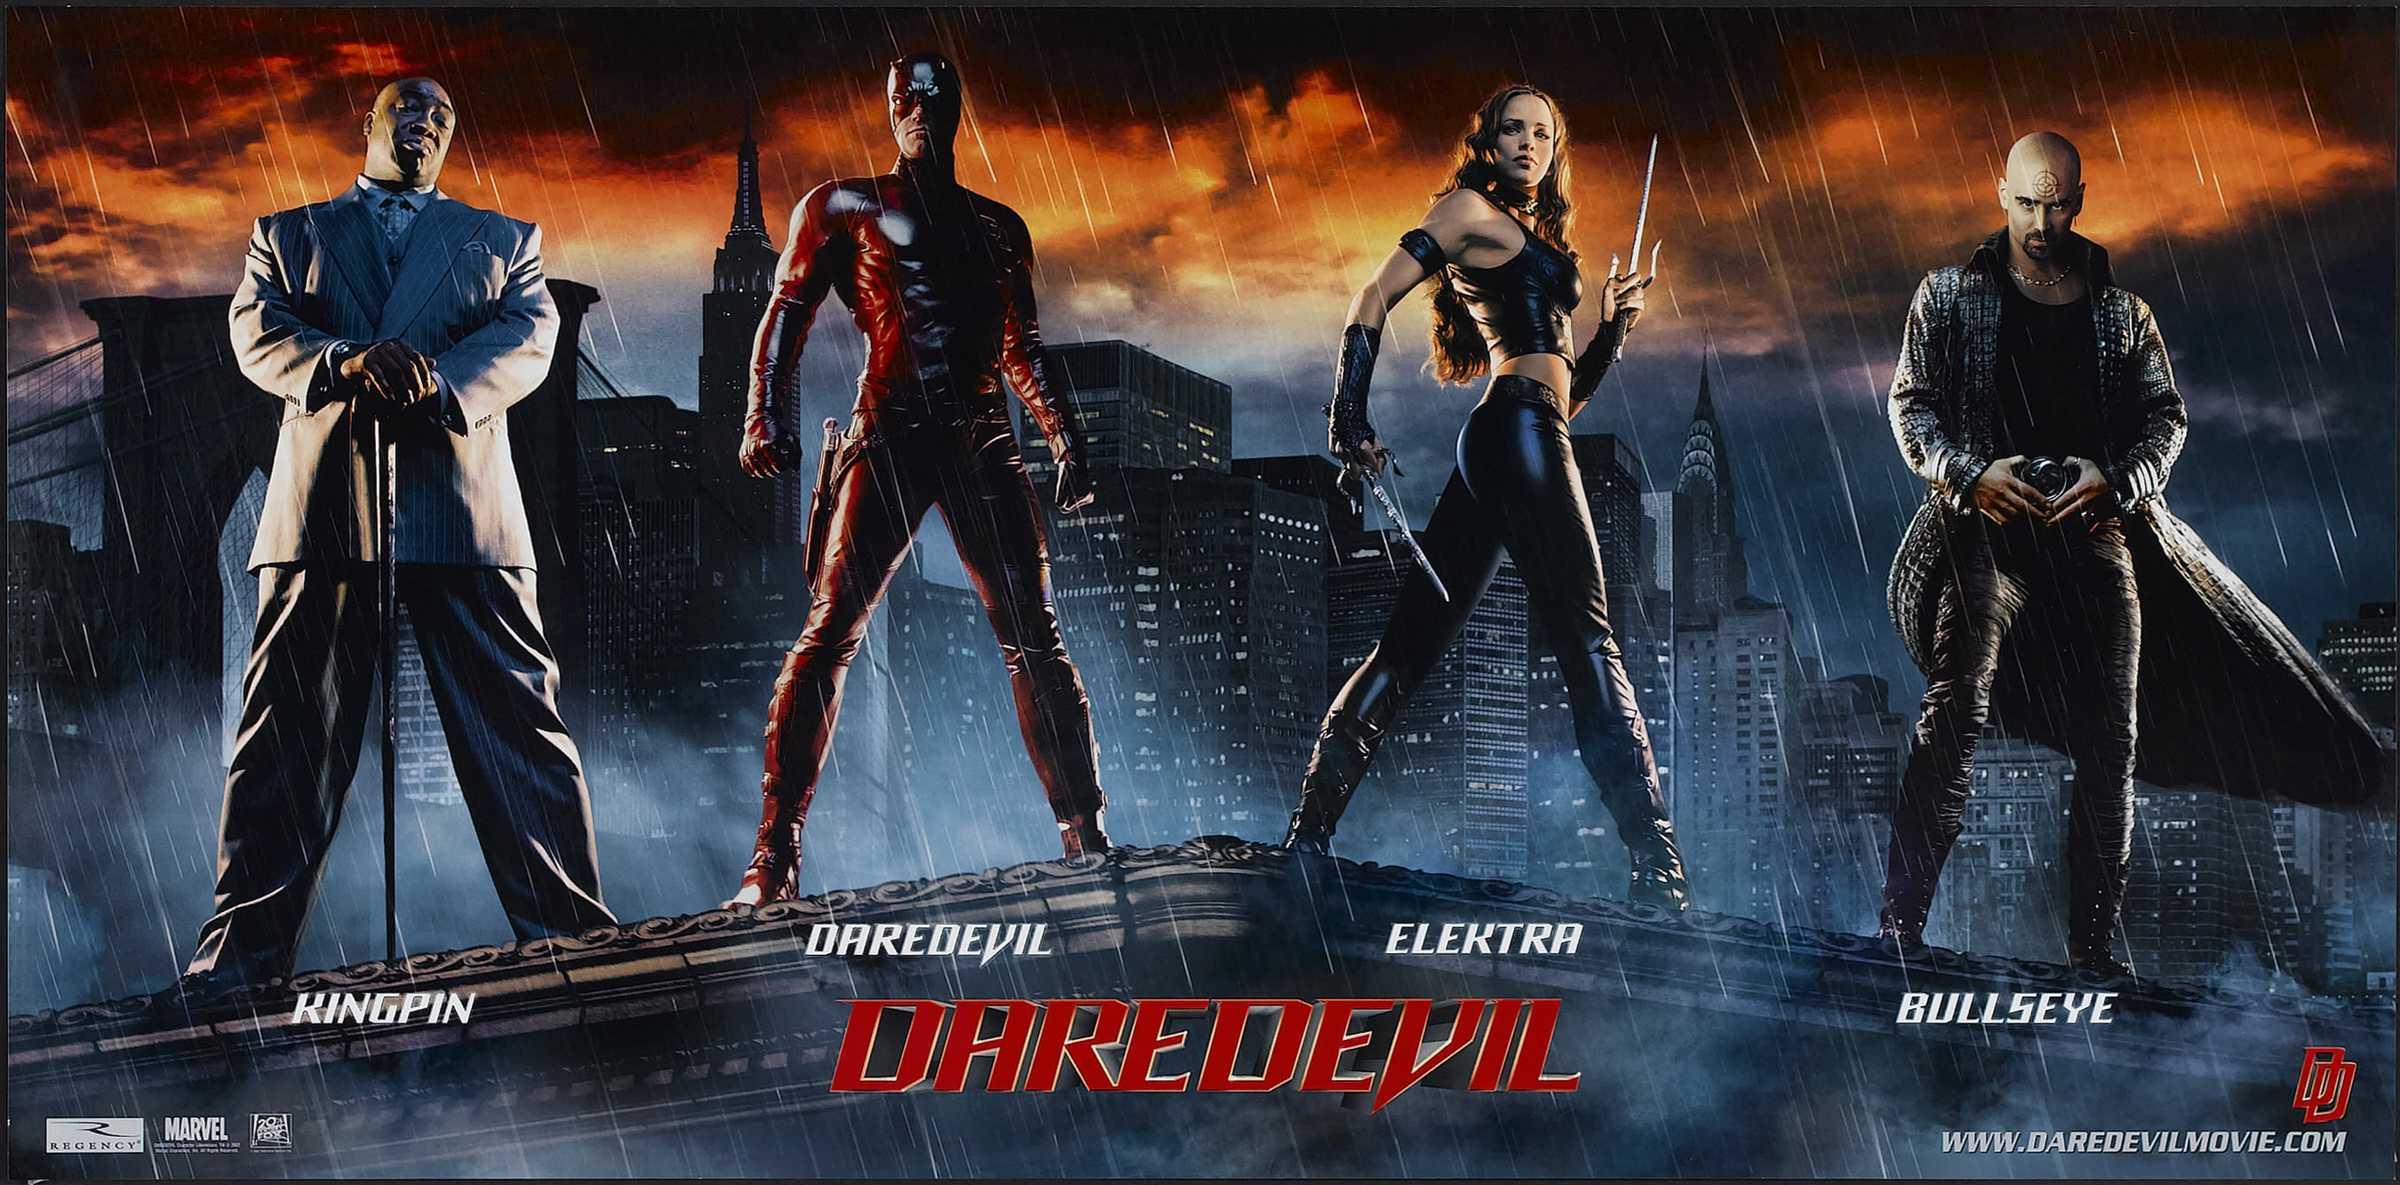 데어데블 (2003)